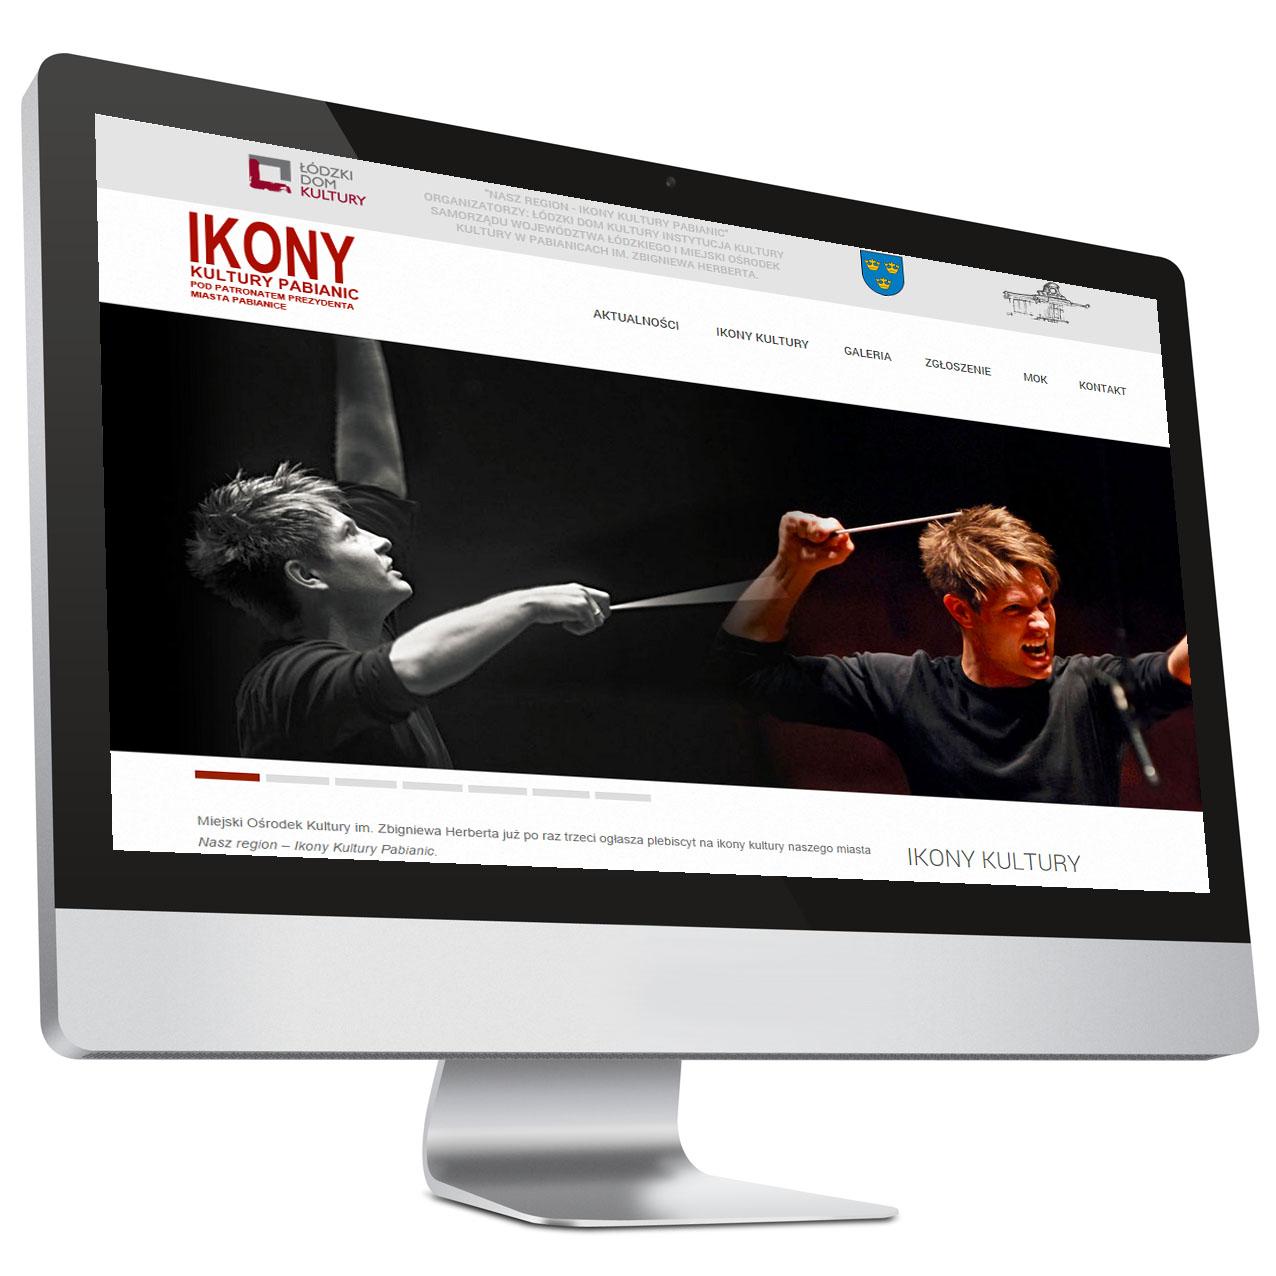 Ikony Kultury – Strona internetowa